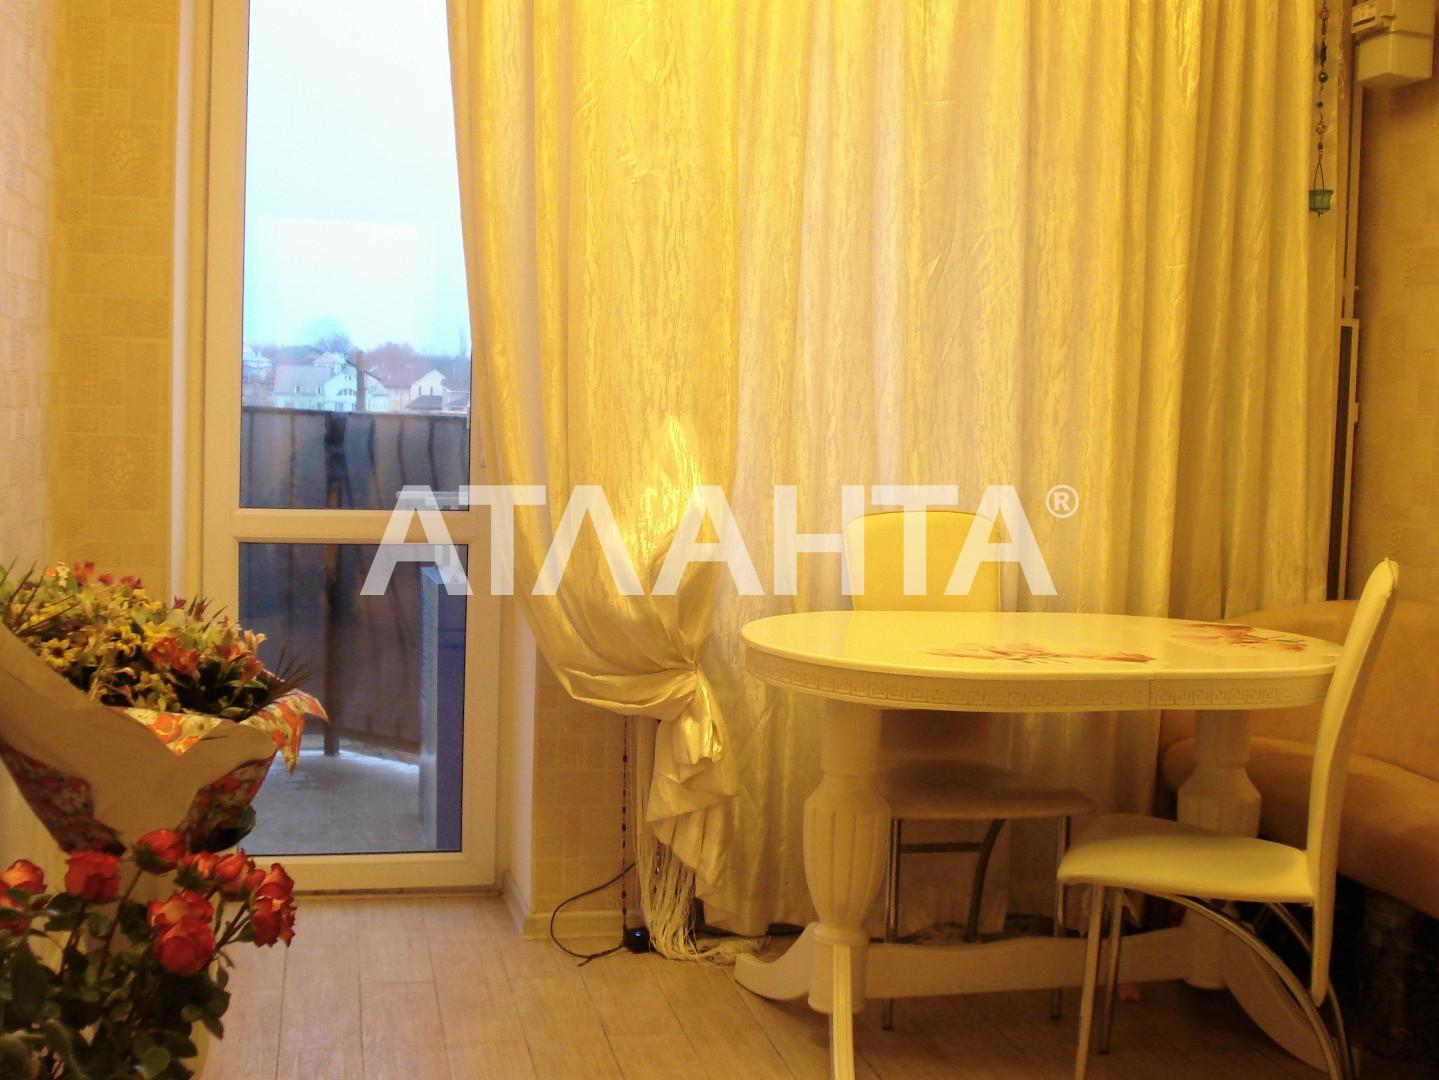 Продается 1-комнатная Квартира на ул. Вишневая — 55 000 у.е. (фото №4)